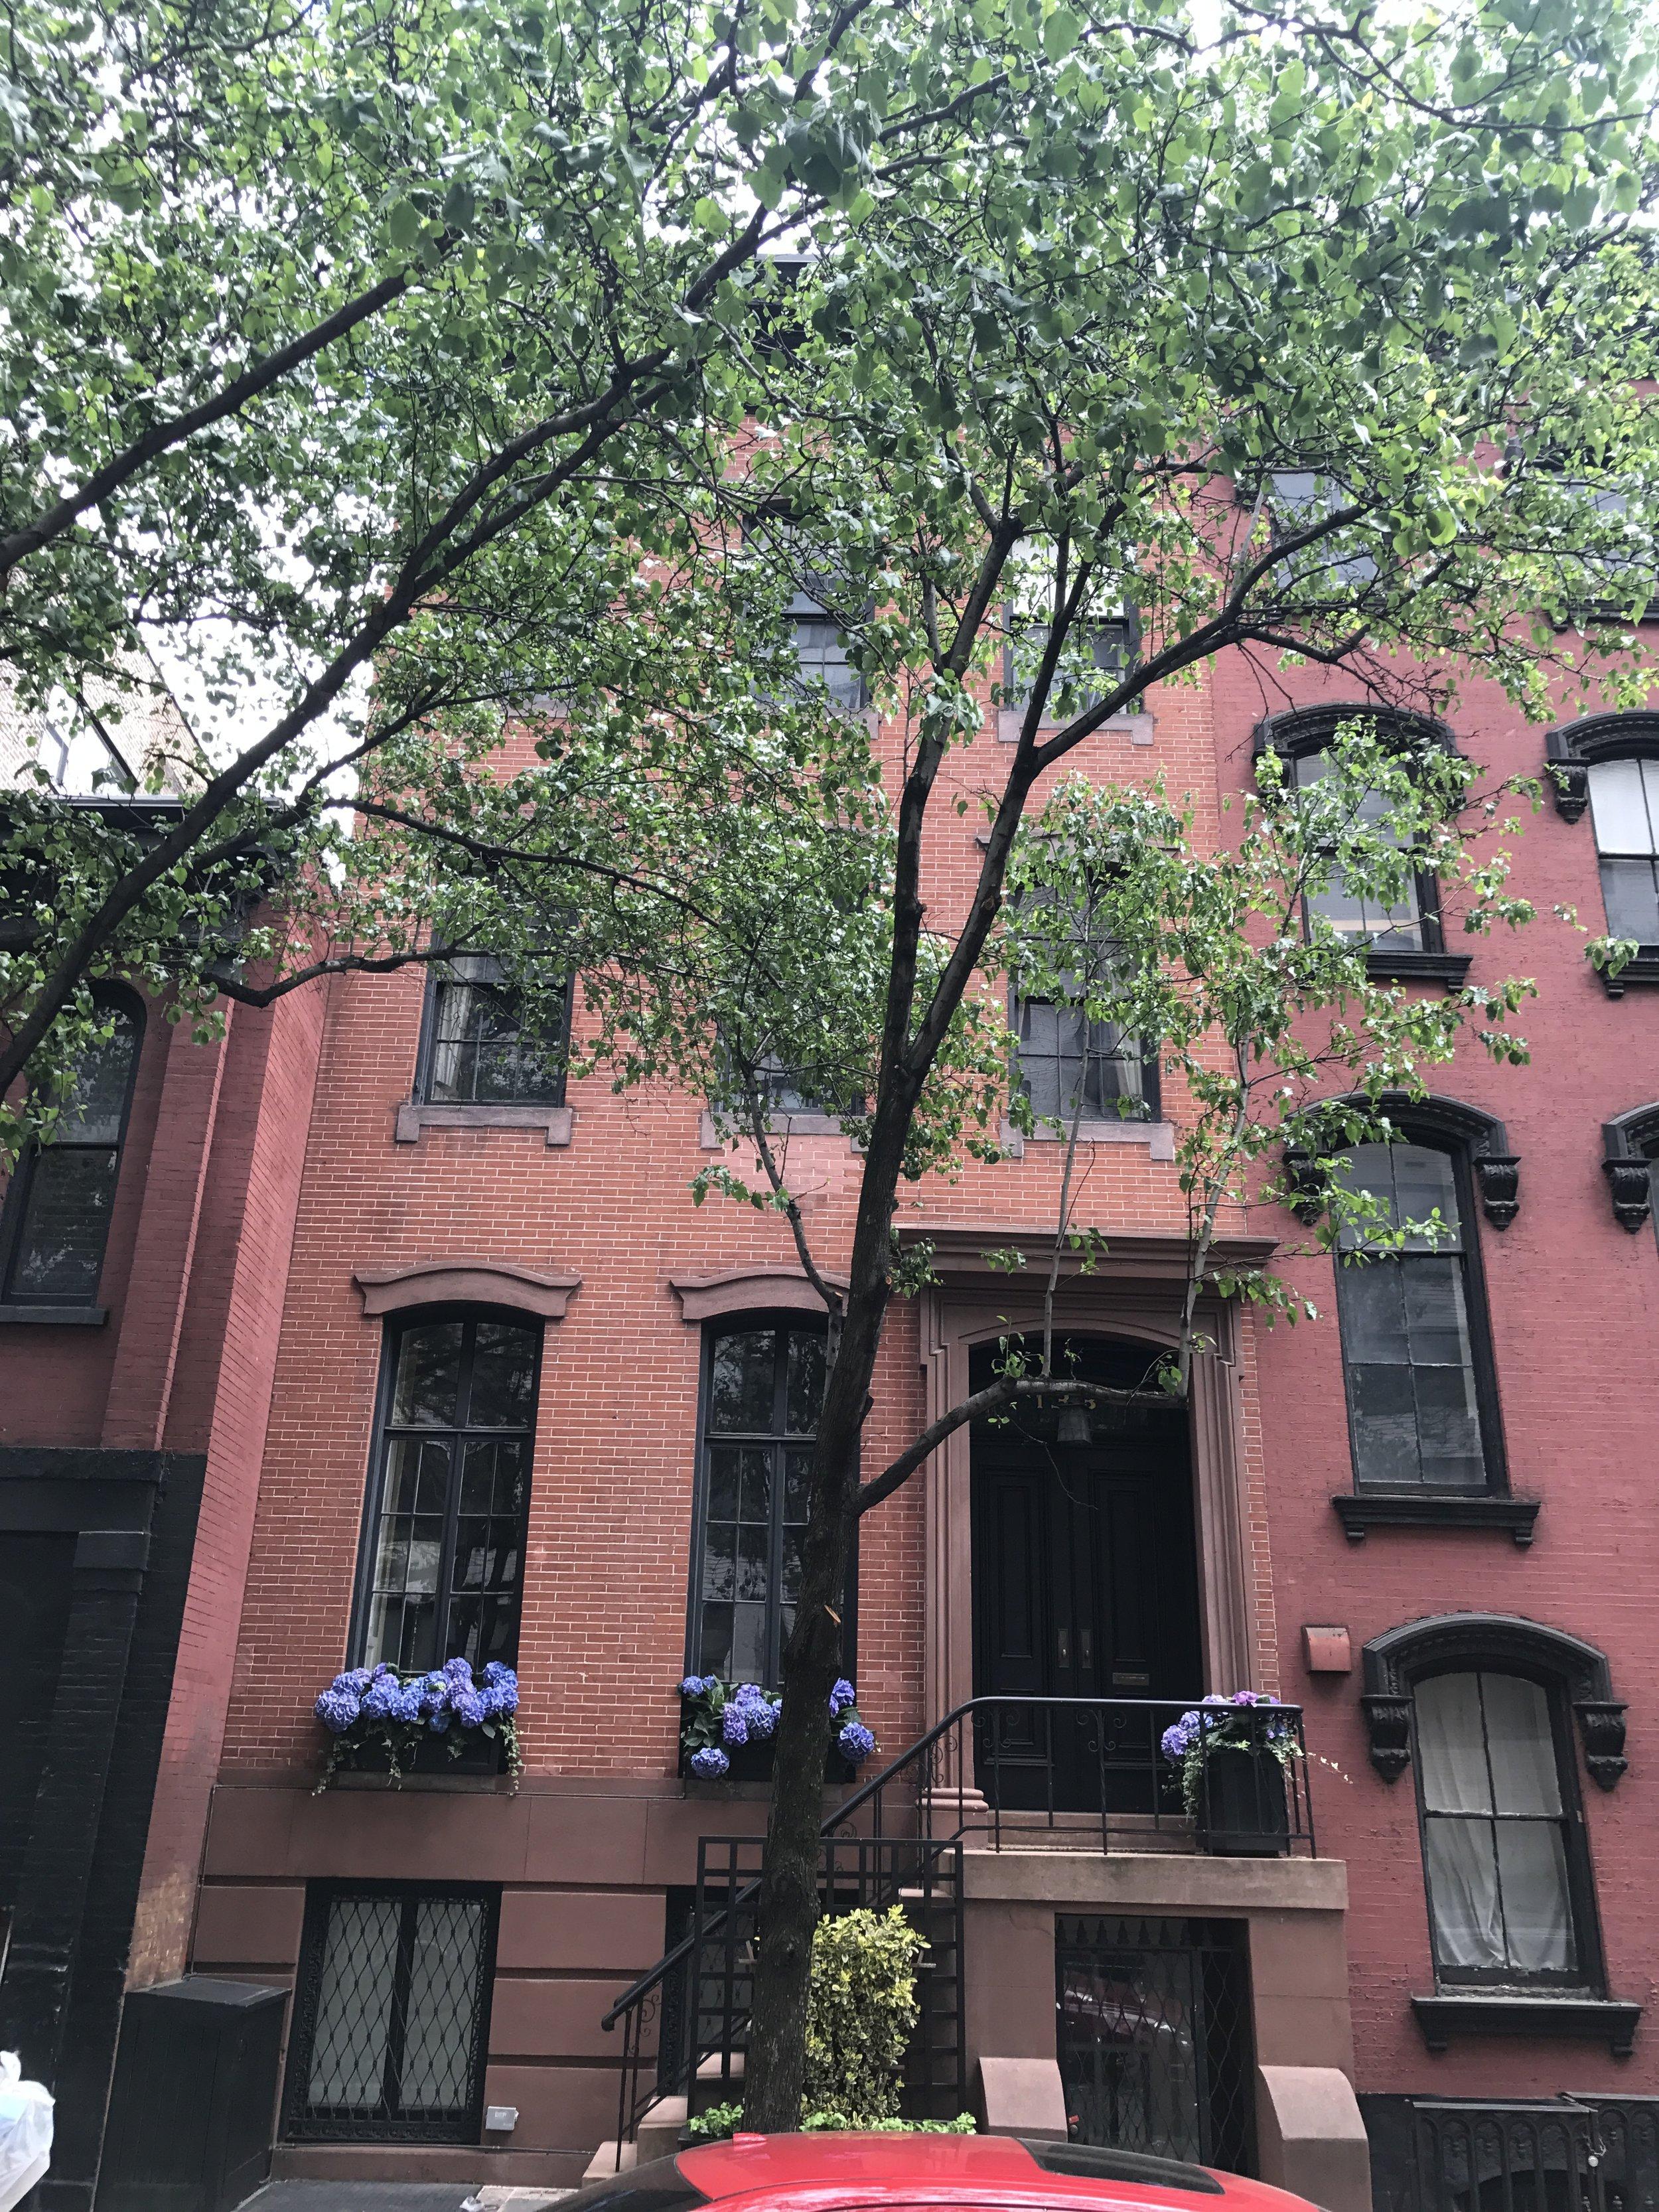 133 East 18th Street - Architect:Tobin Parnes Design Enterprises4 story single family residence